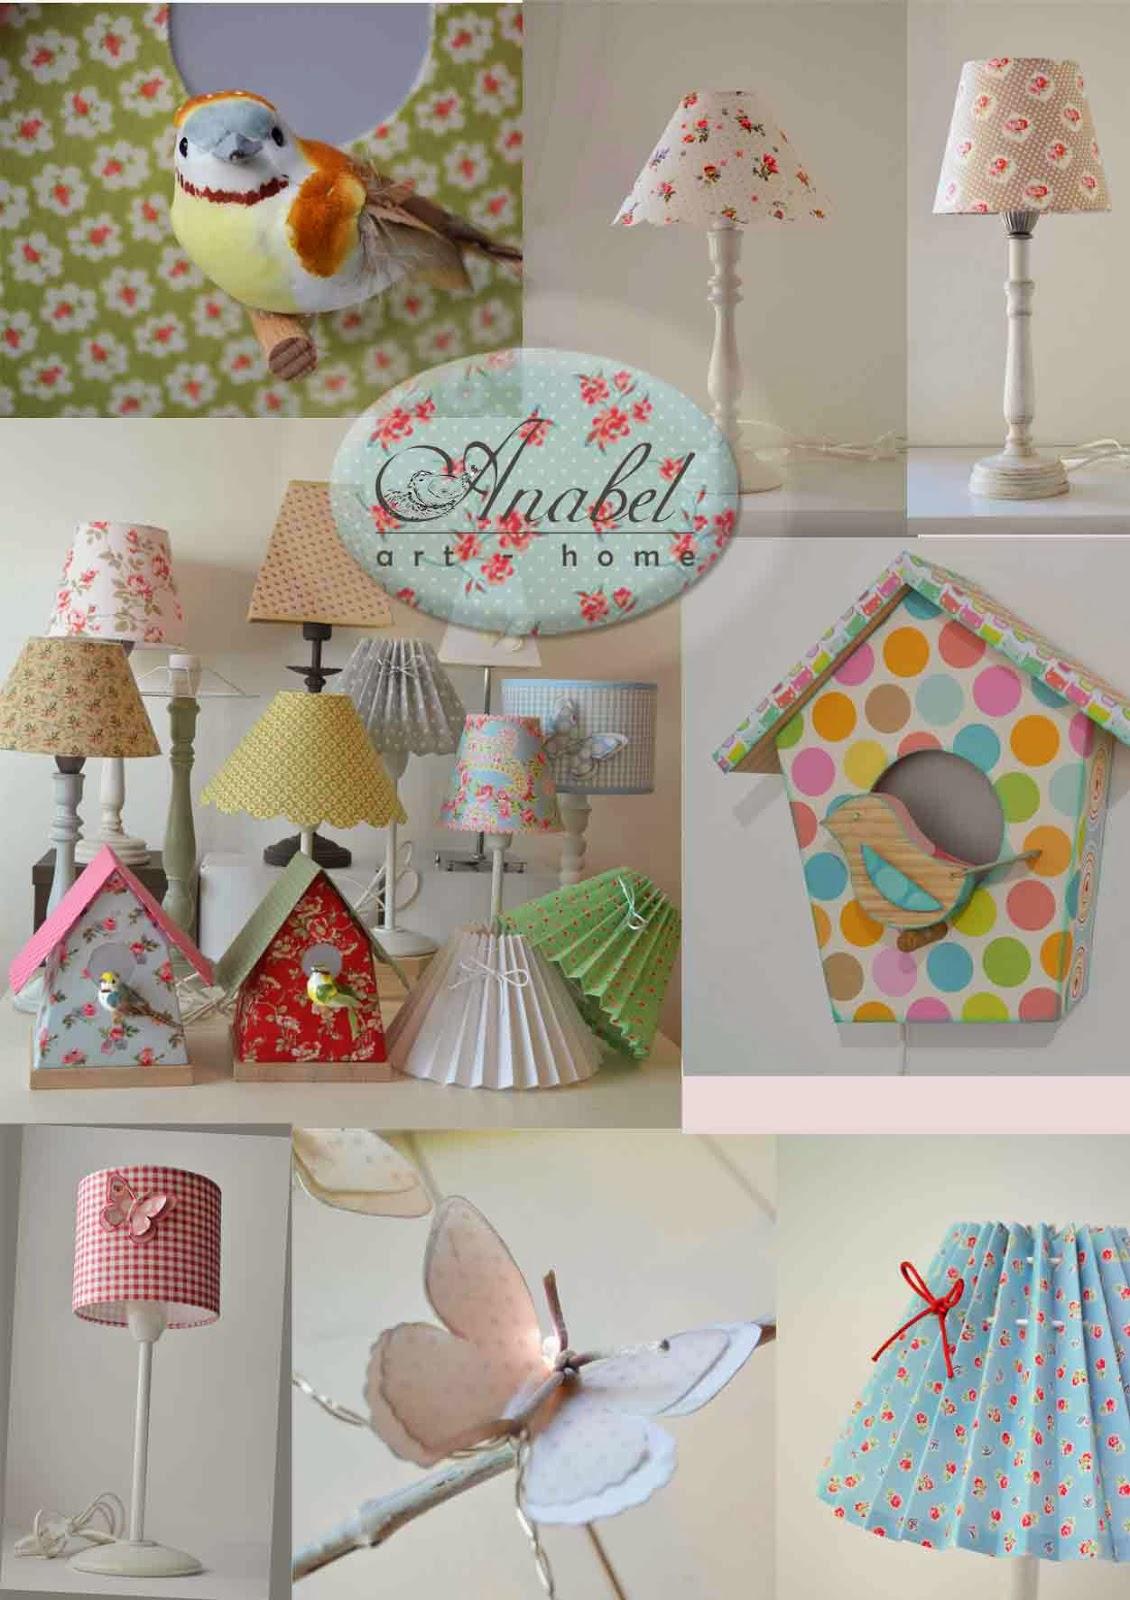 Anabel art-home tienda online